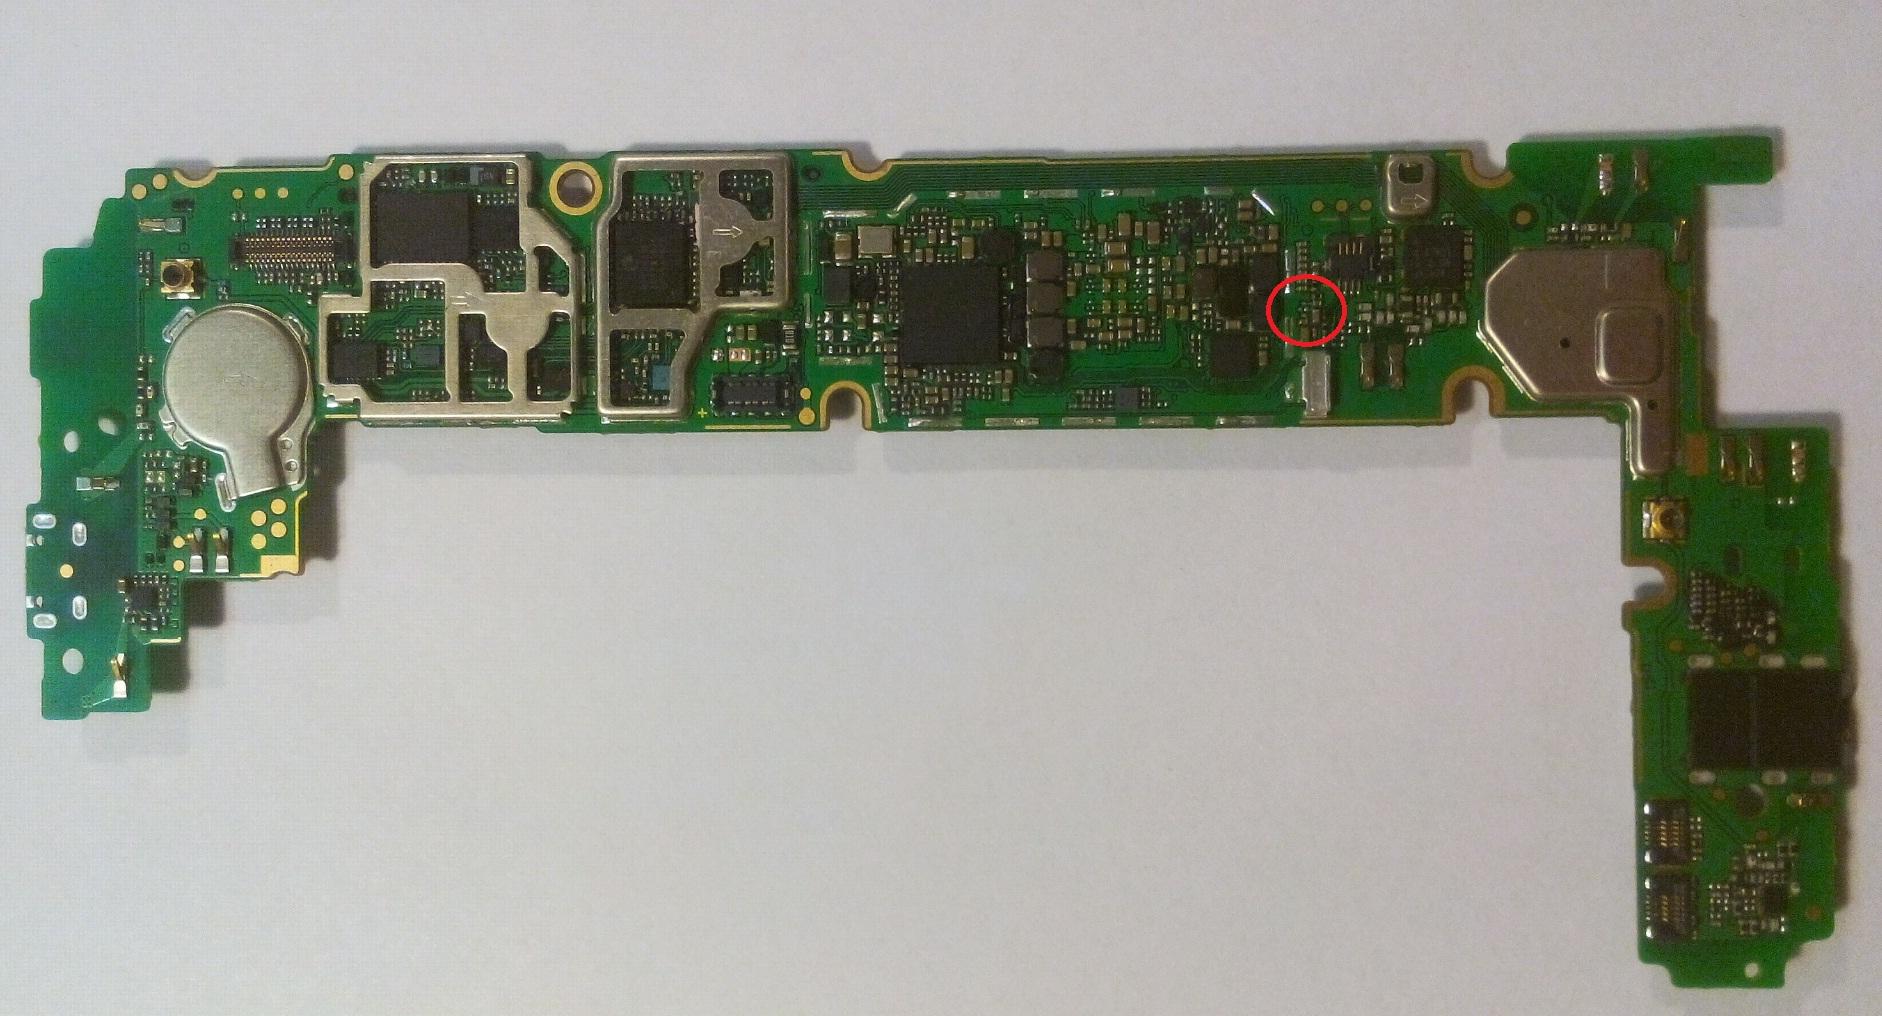 Groovy Huawei P8 Lite brak zasięgu - prośba o identyfikację elementu YH63